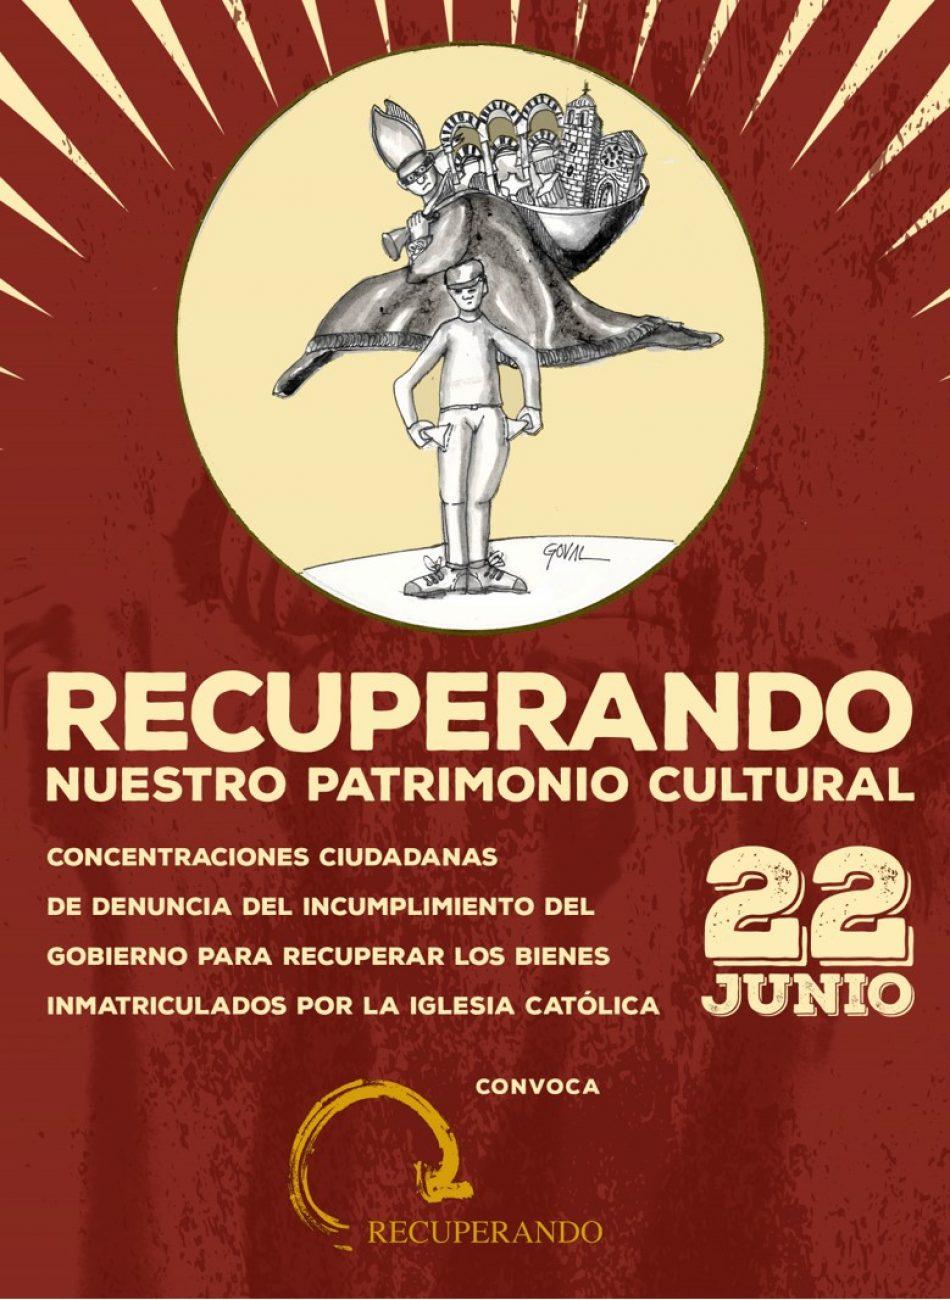 «Recuperando nuestro patrimonio cultural»: Convocadas concentraciones el 22 de junio